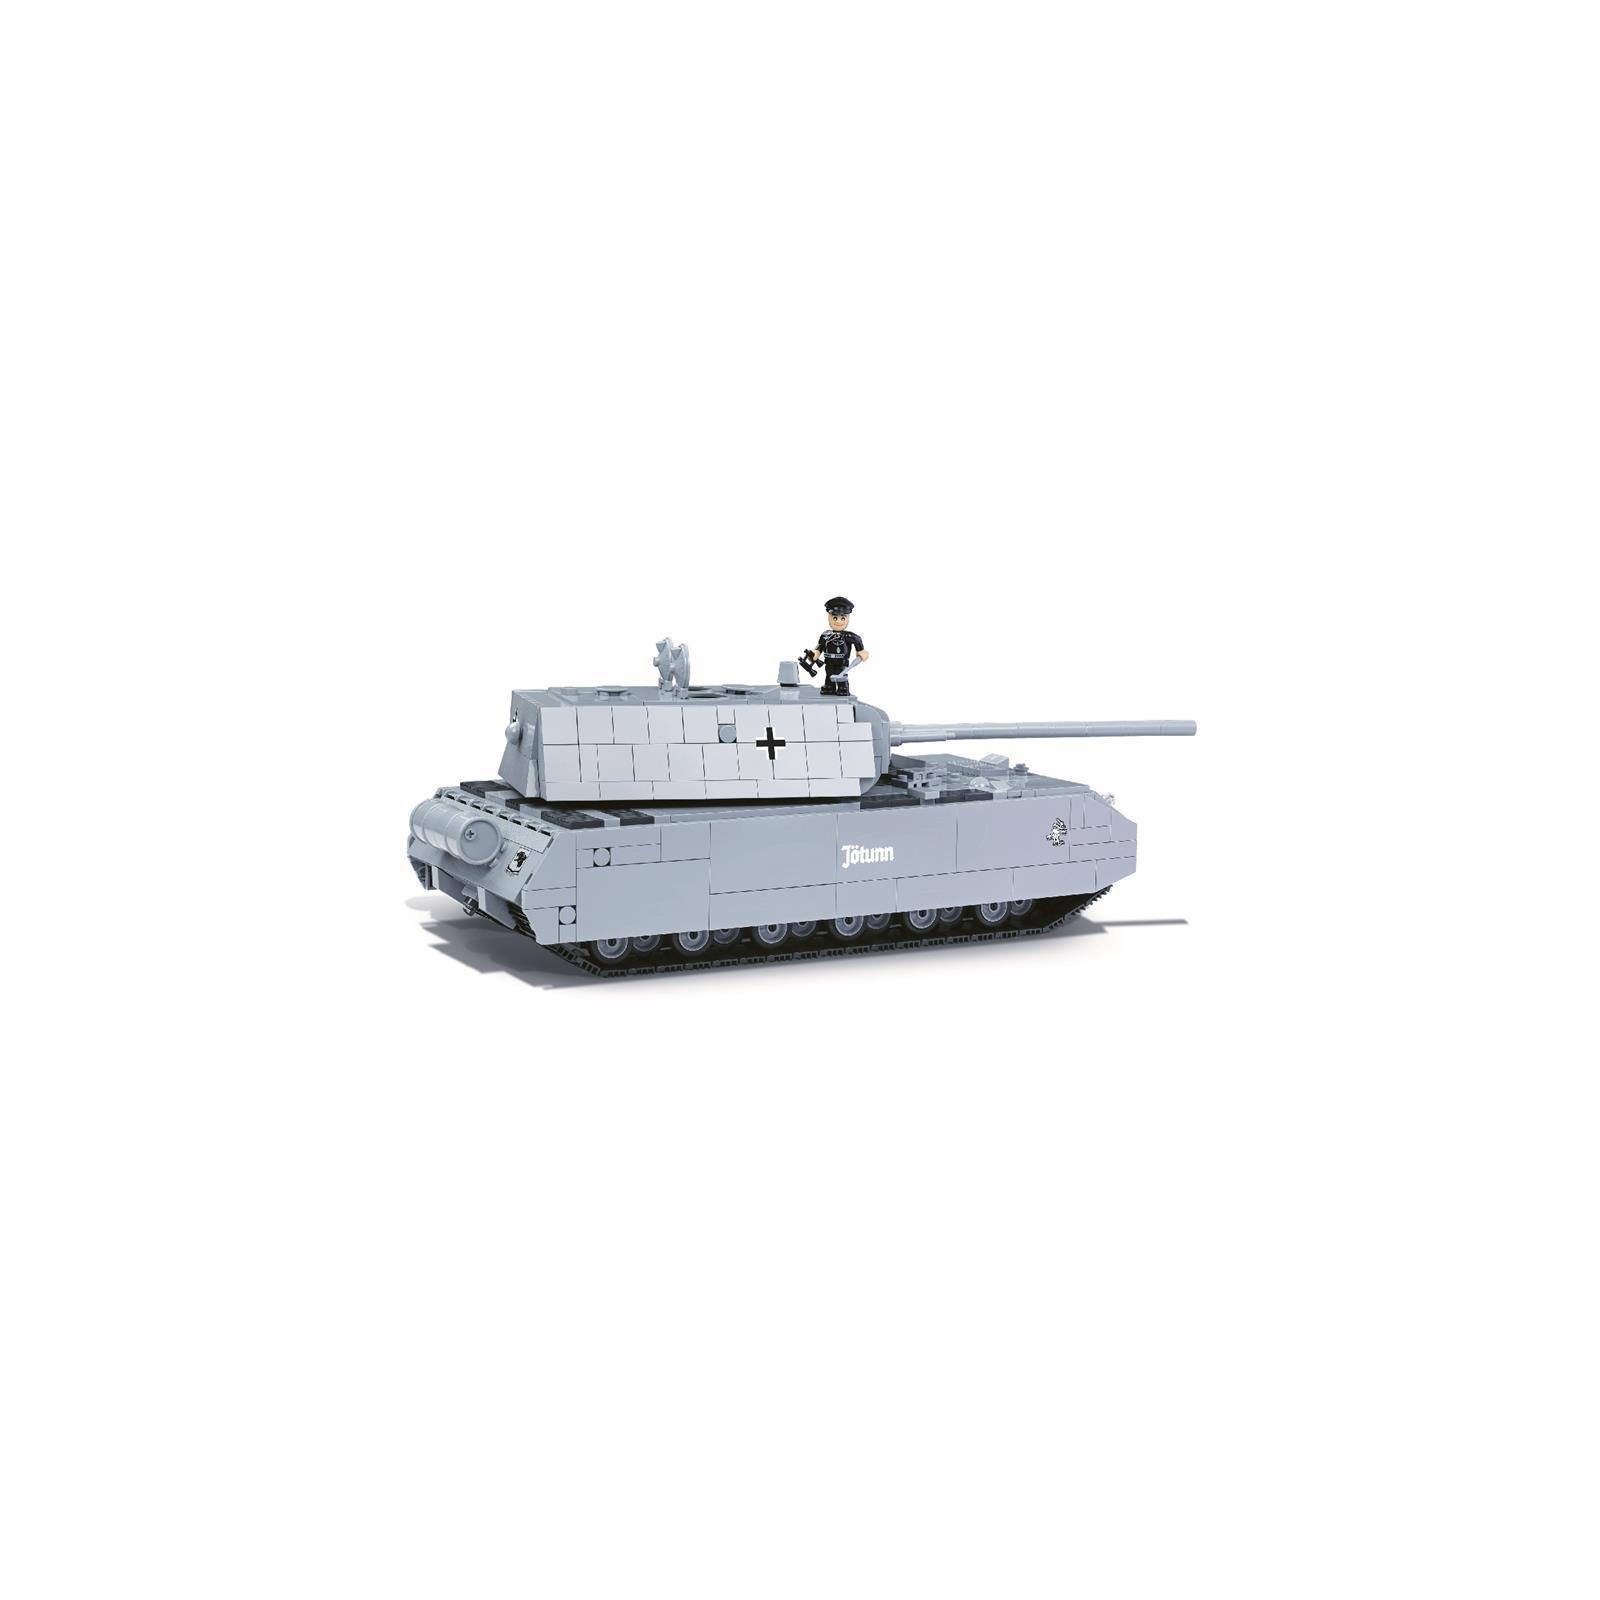 Конструктор Cobi World Of Tanks Maus, 900 деталей (COBI-3024) изображение 2